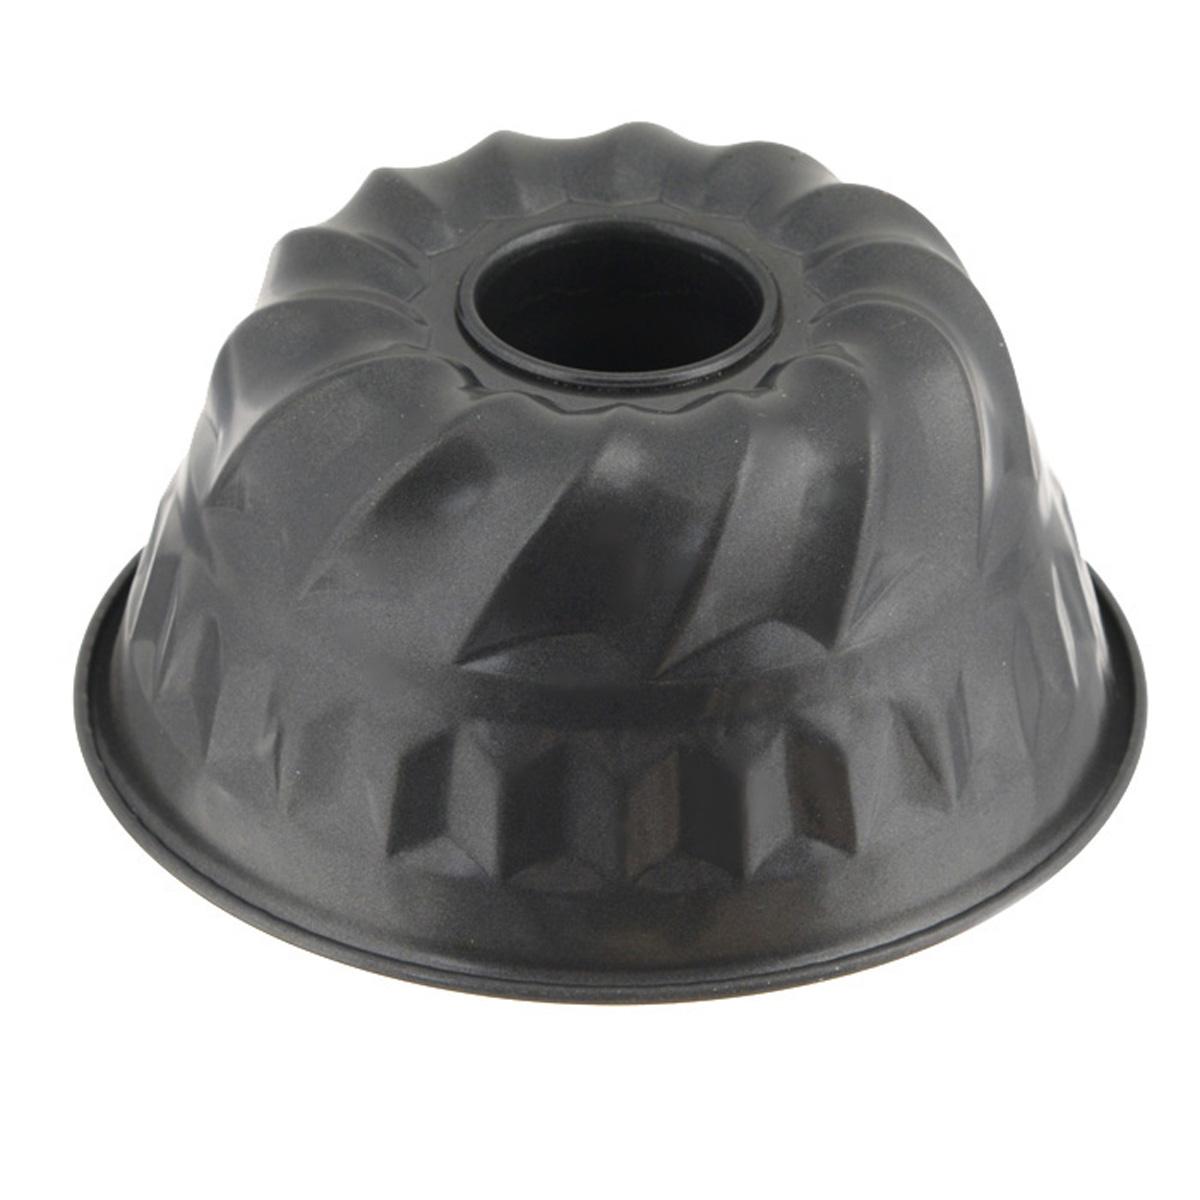 Форма для кекса Mayer & Boch, с антипригарным покрытием, круглая, диаметр 15 см20176Форма для кекса Mayer & Boch изготовлена из углеродистой стали с антипригарным покрытием, благодаря чему пища не пригорает и не прилипает к стенкам посуды. Кроме того, готовить можно с добавлением минимального количества масла и жиров. Антипригарное покрытие также обеспечивает легкость мытья. Внутренние боковые стенки рельефные, что придаст вашей выпечке особую аппетитную форму. Подходит для использования в духовом шкафу. Не подходит для СВЧ-печей. Рекомендуется ручная чистка. Используйте только деревянные и пластиковые лопатки.